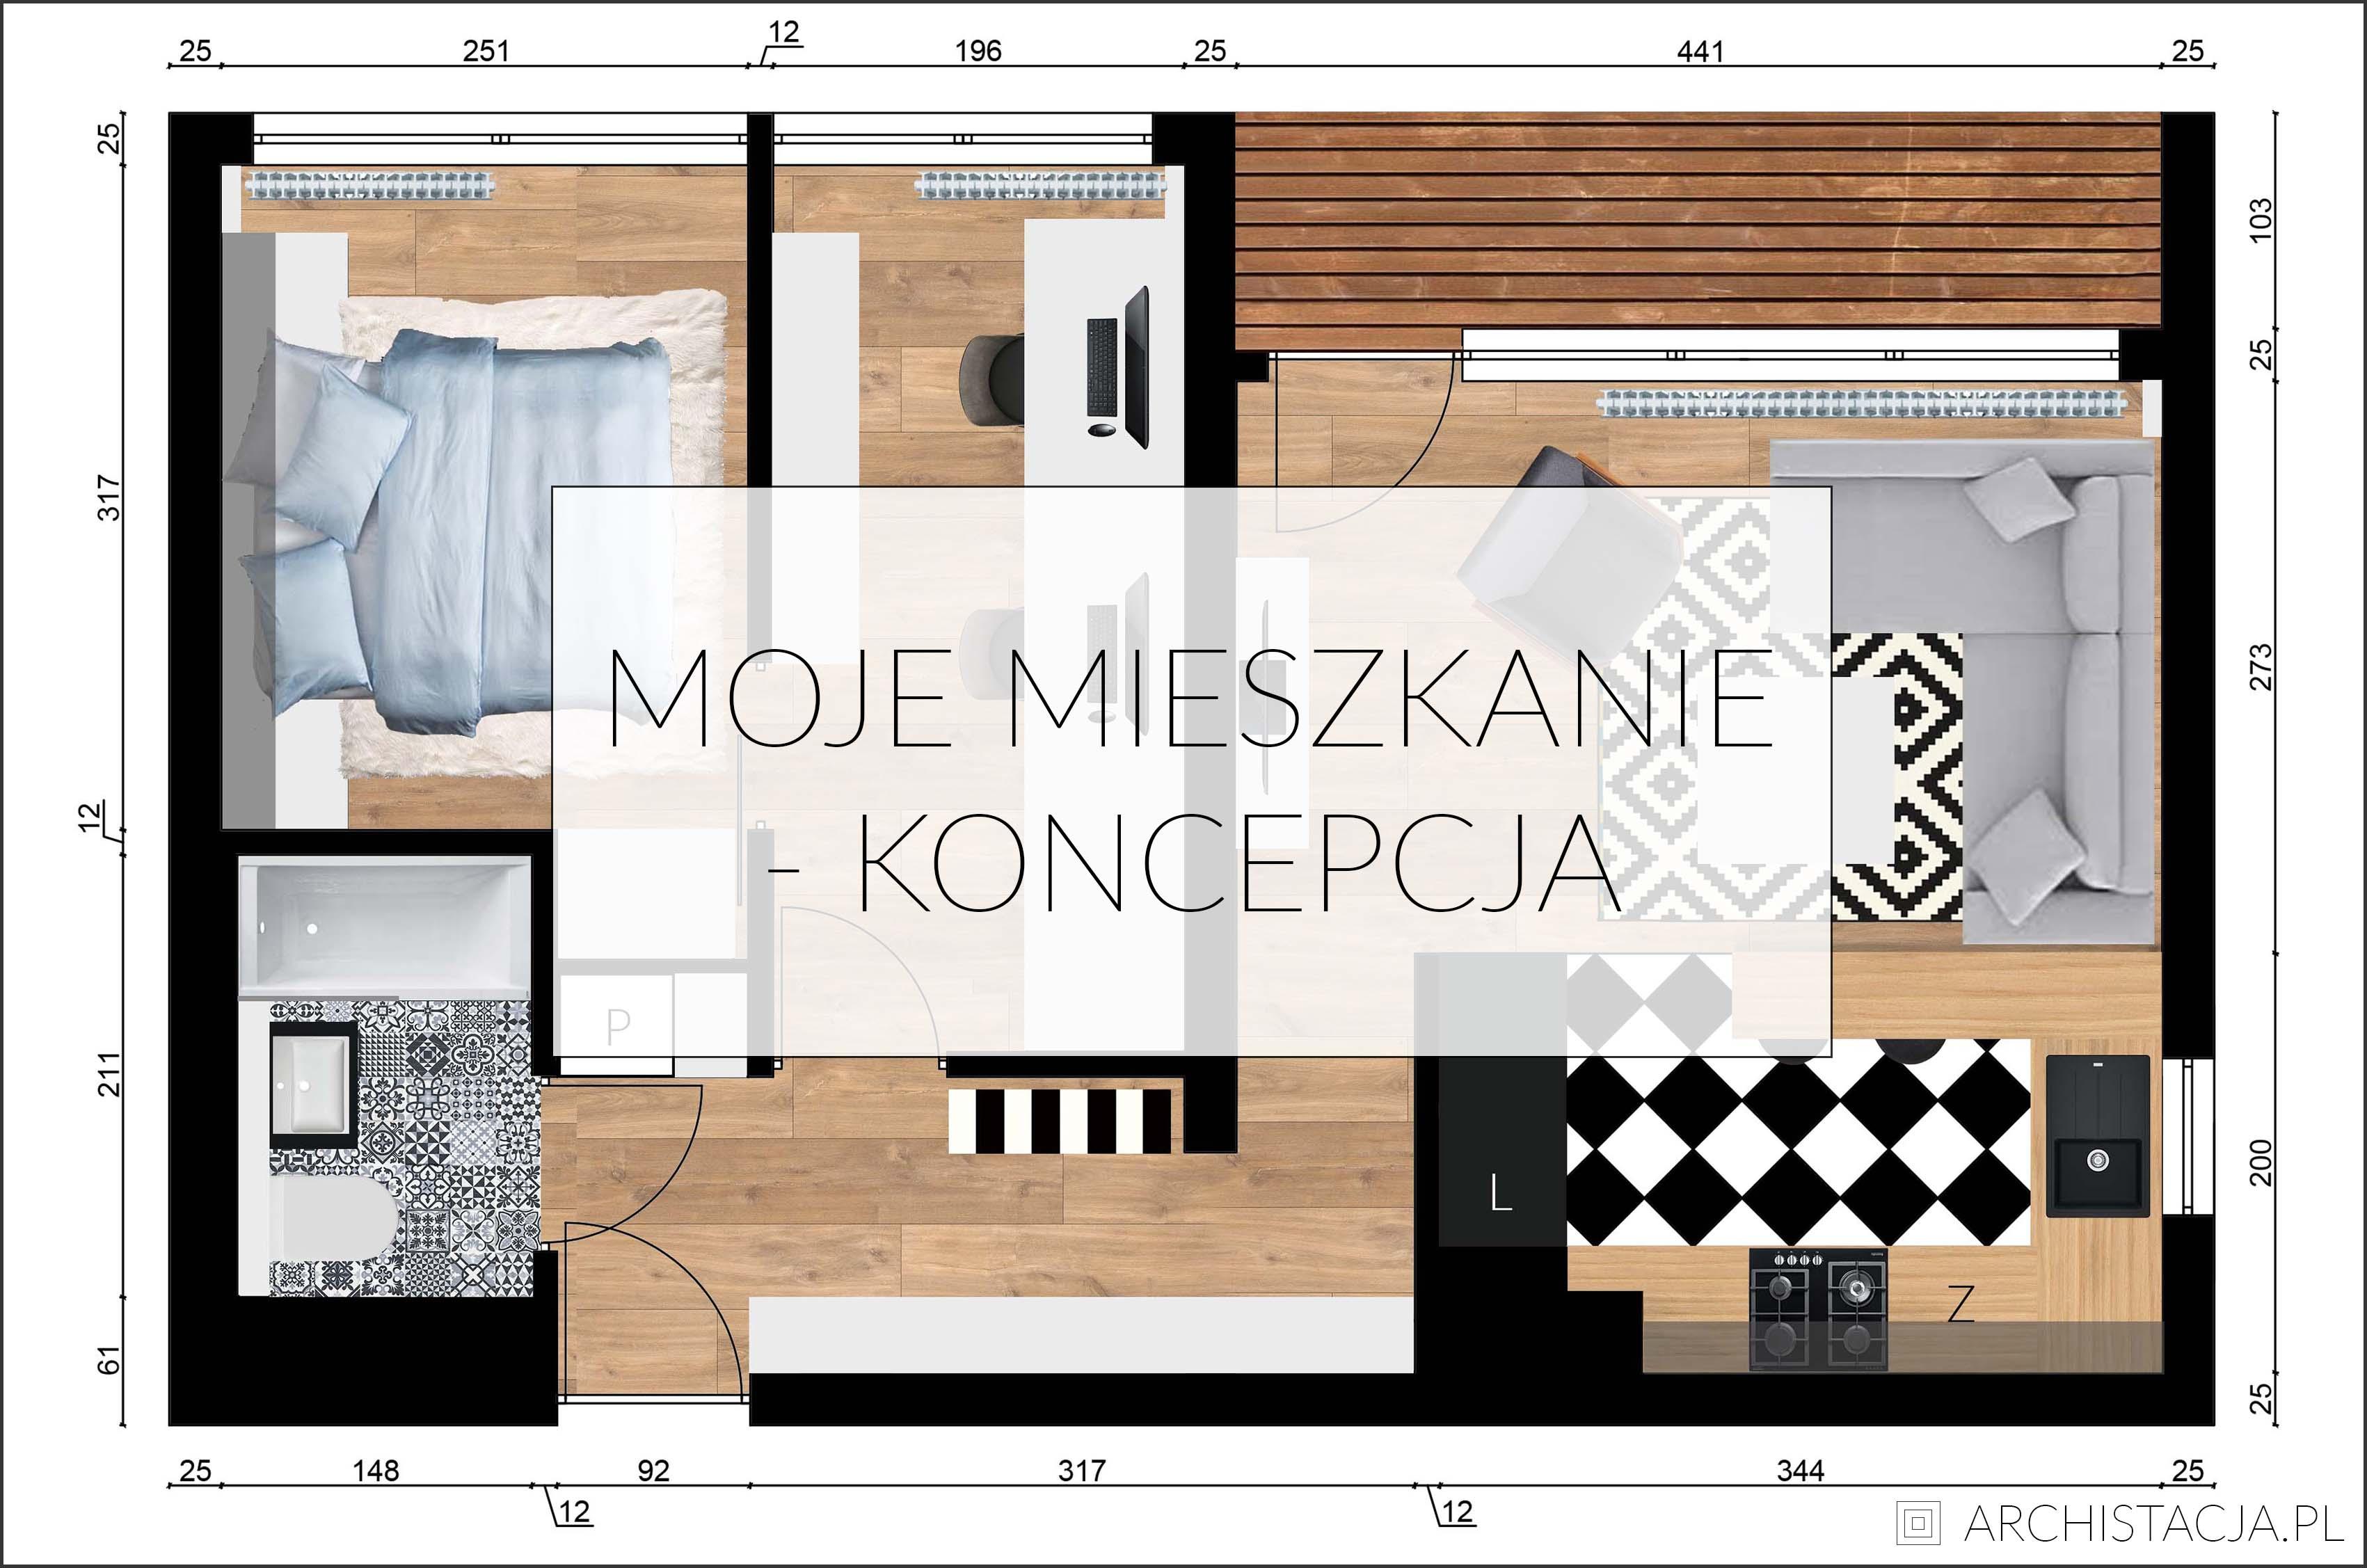 projekt mojego mieszkania